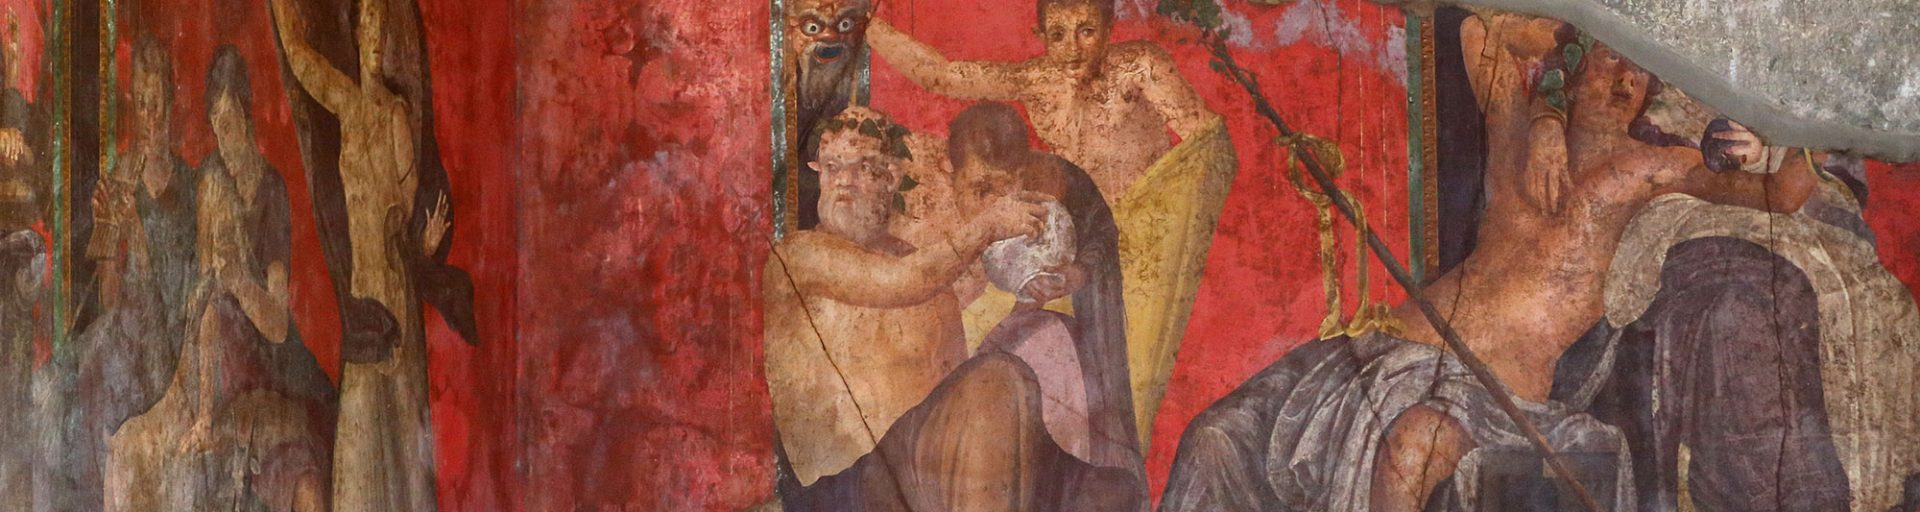 Particolare affresco scavi archeologici di Pompei